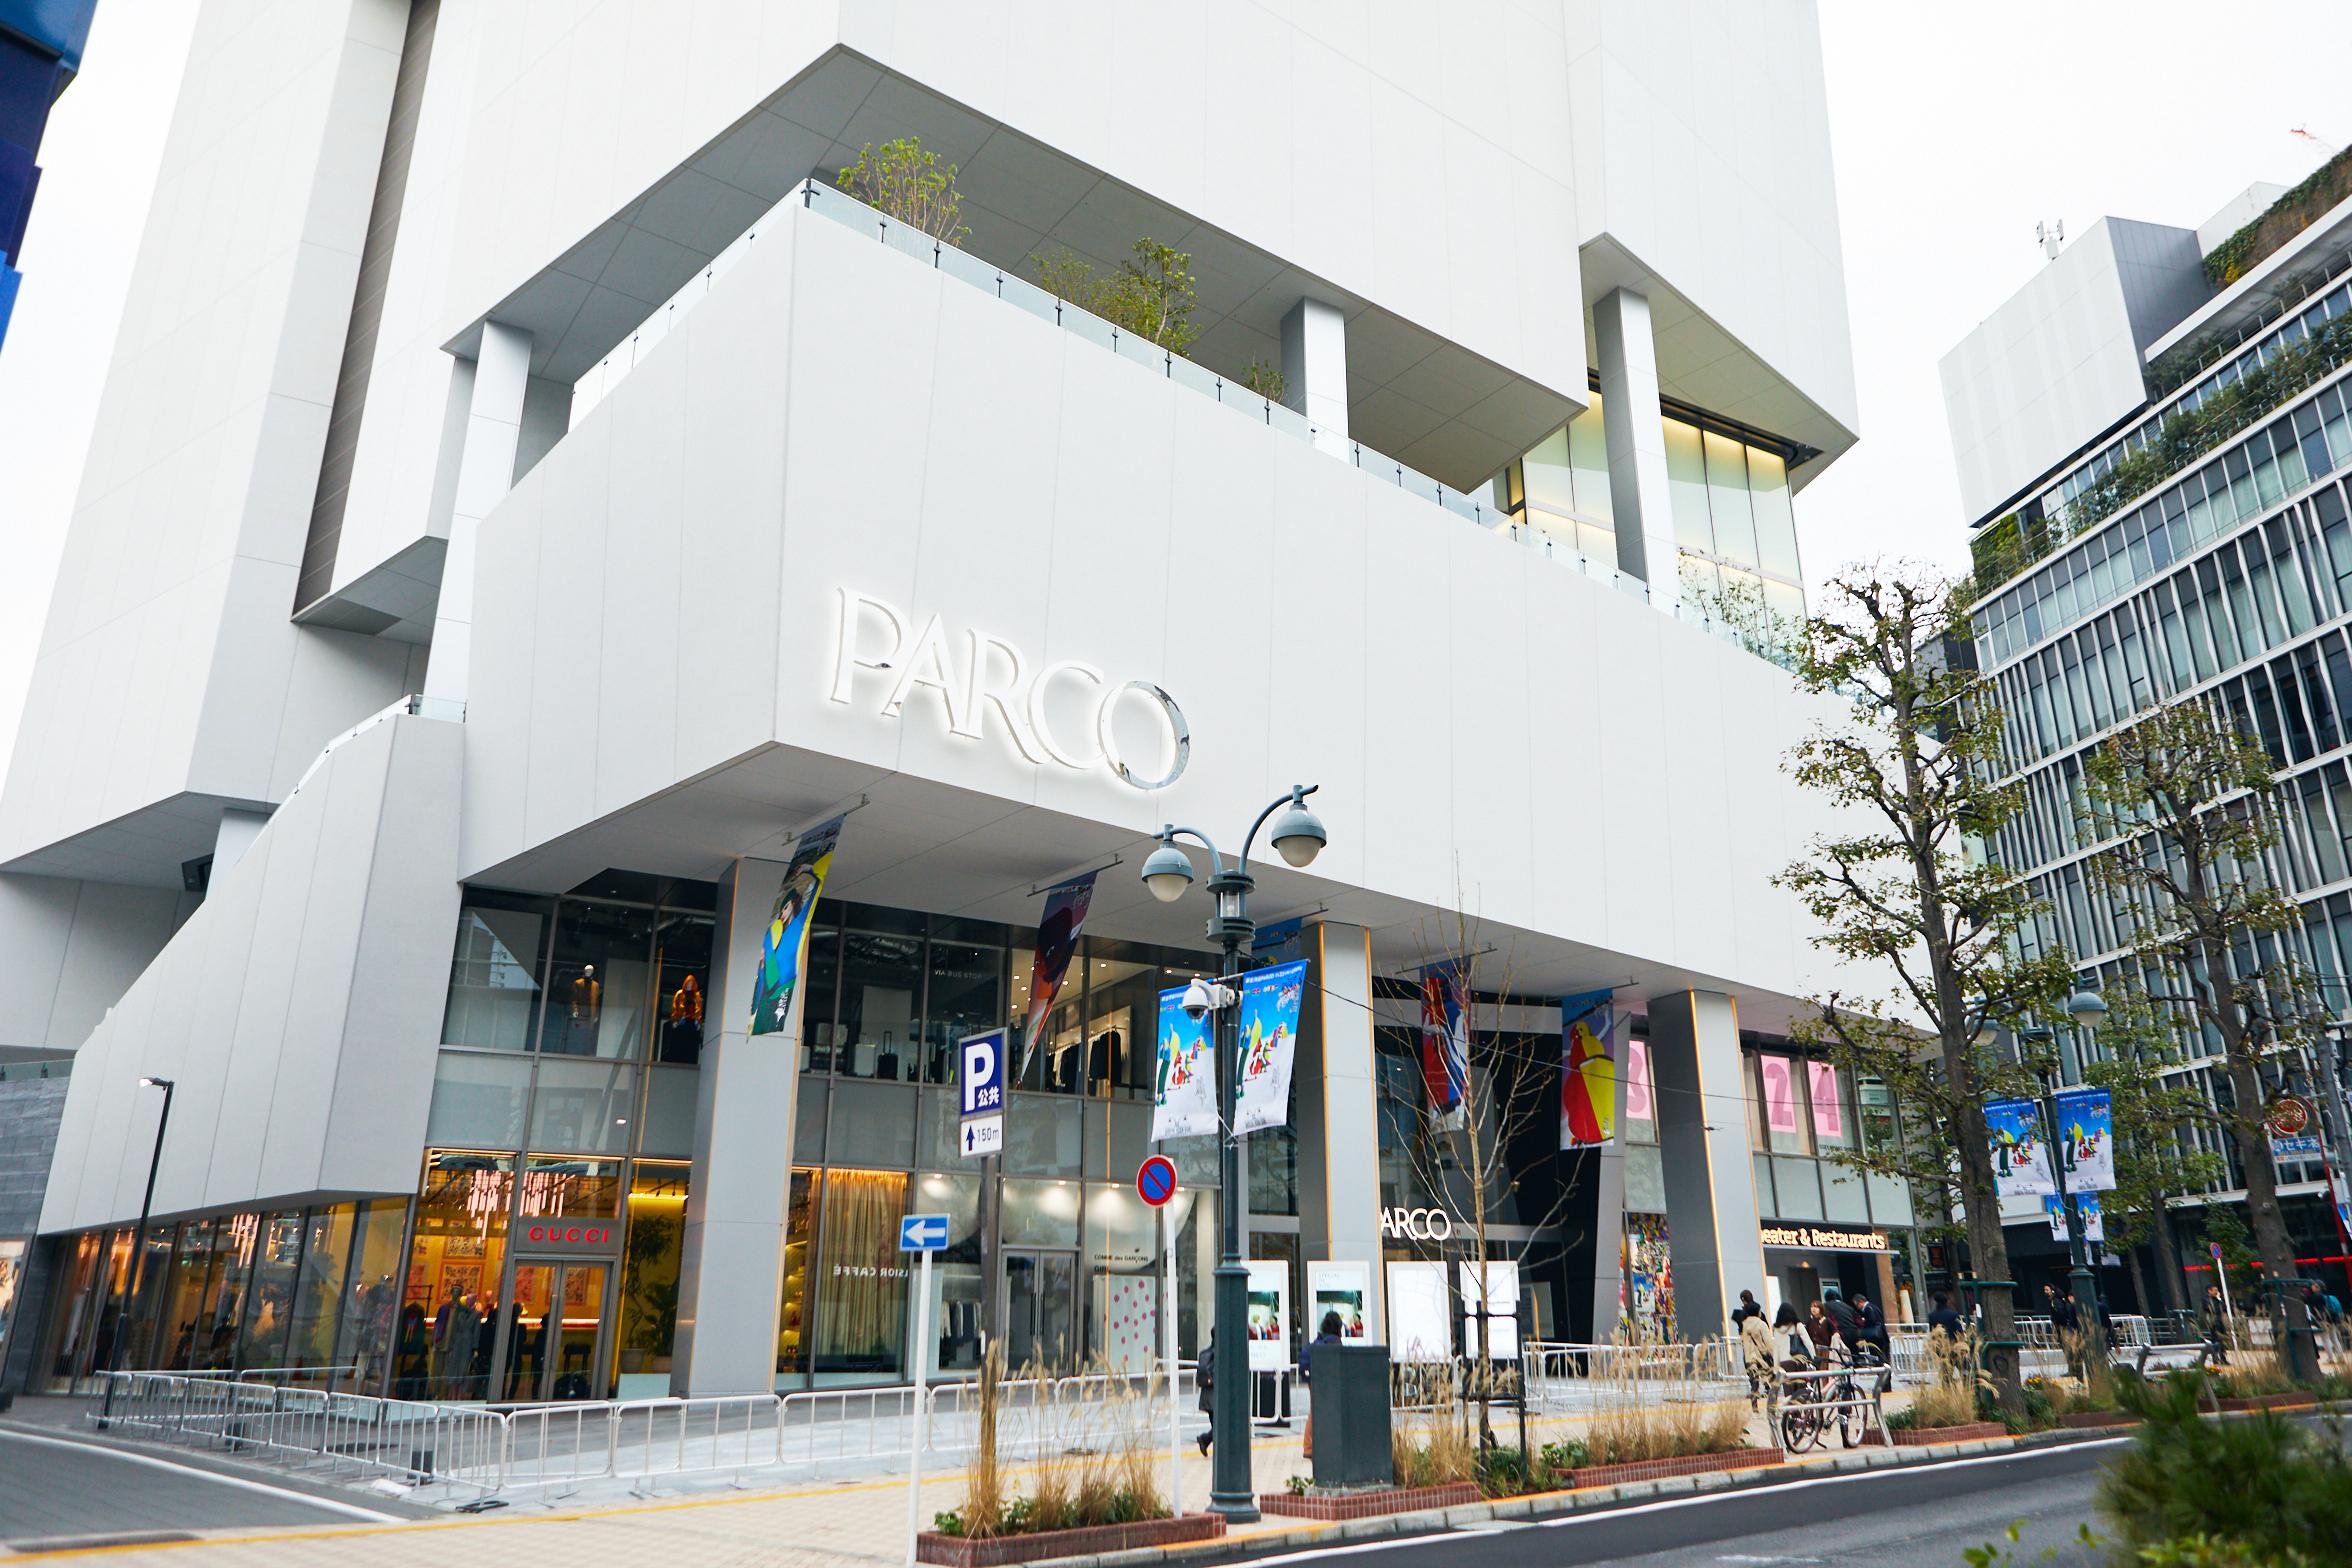 2つの古着屋さんが渋谷PARCOに